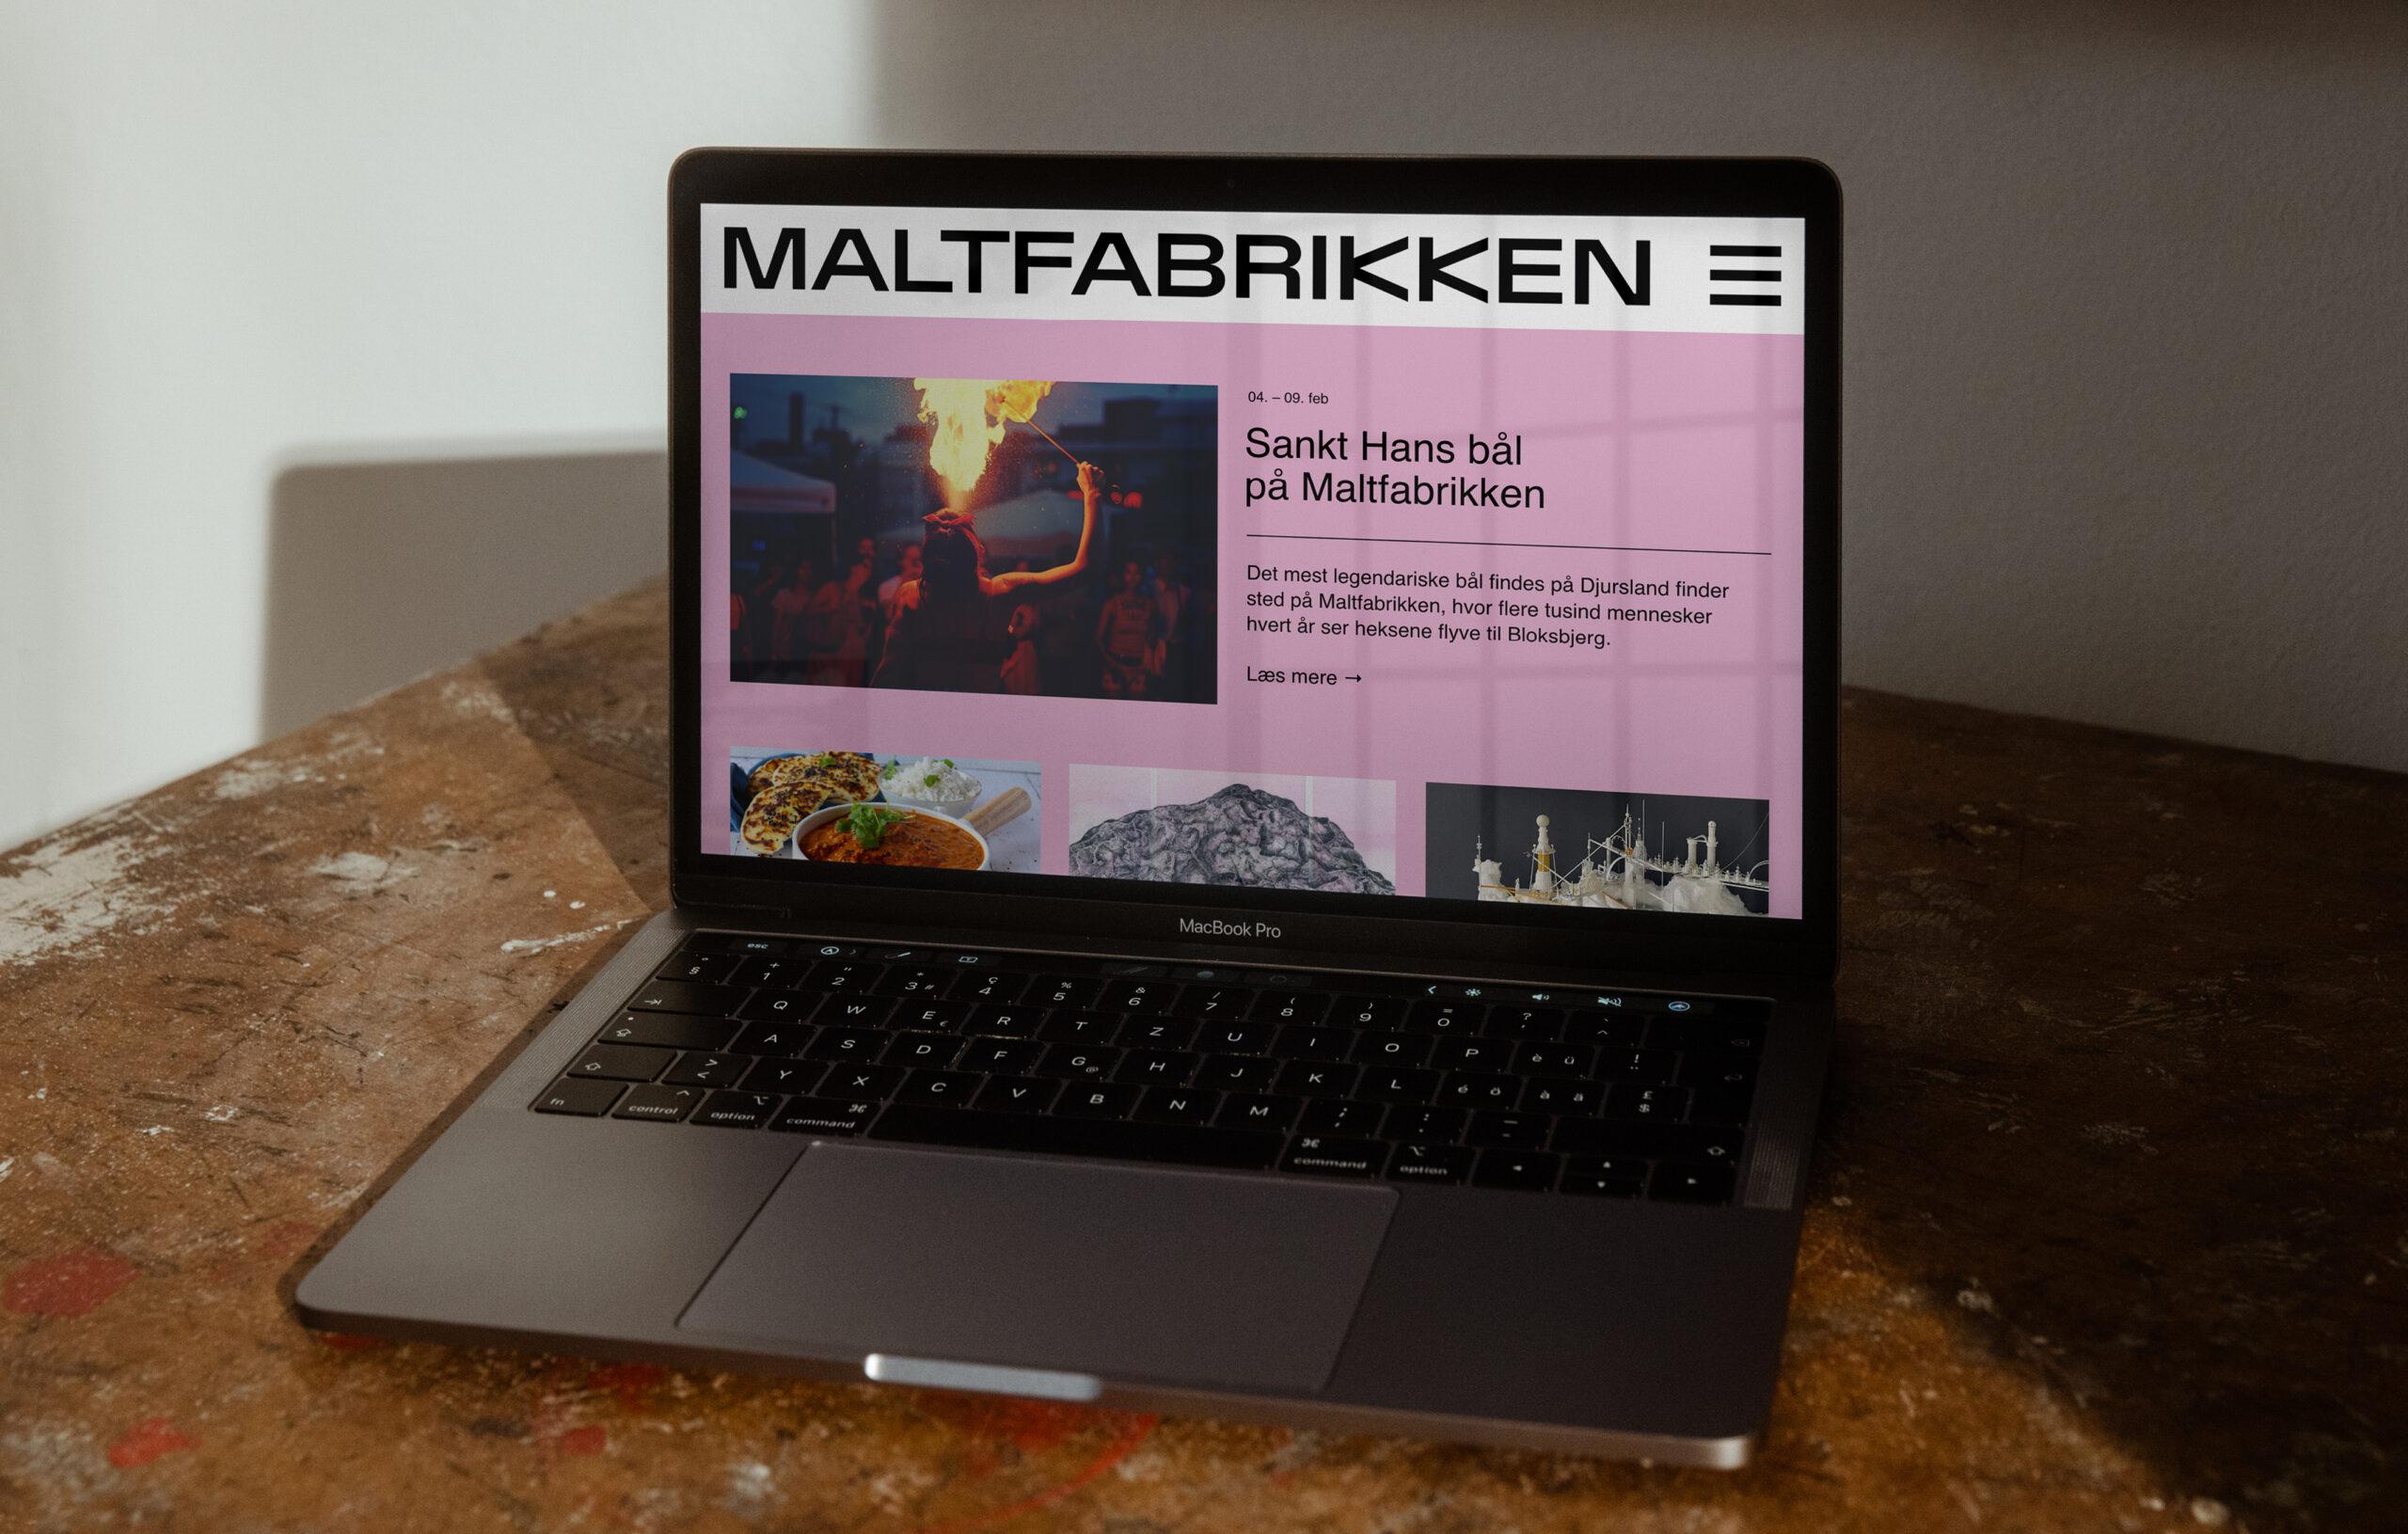 Maltfabrikken_case_022